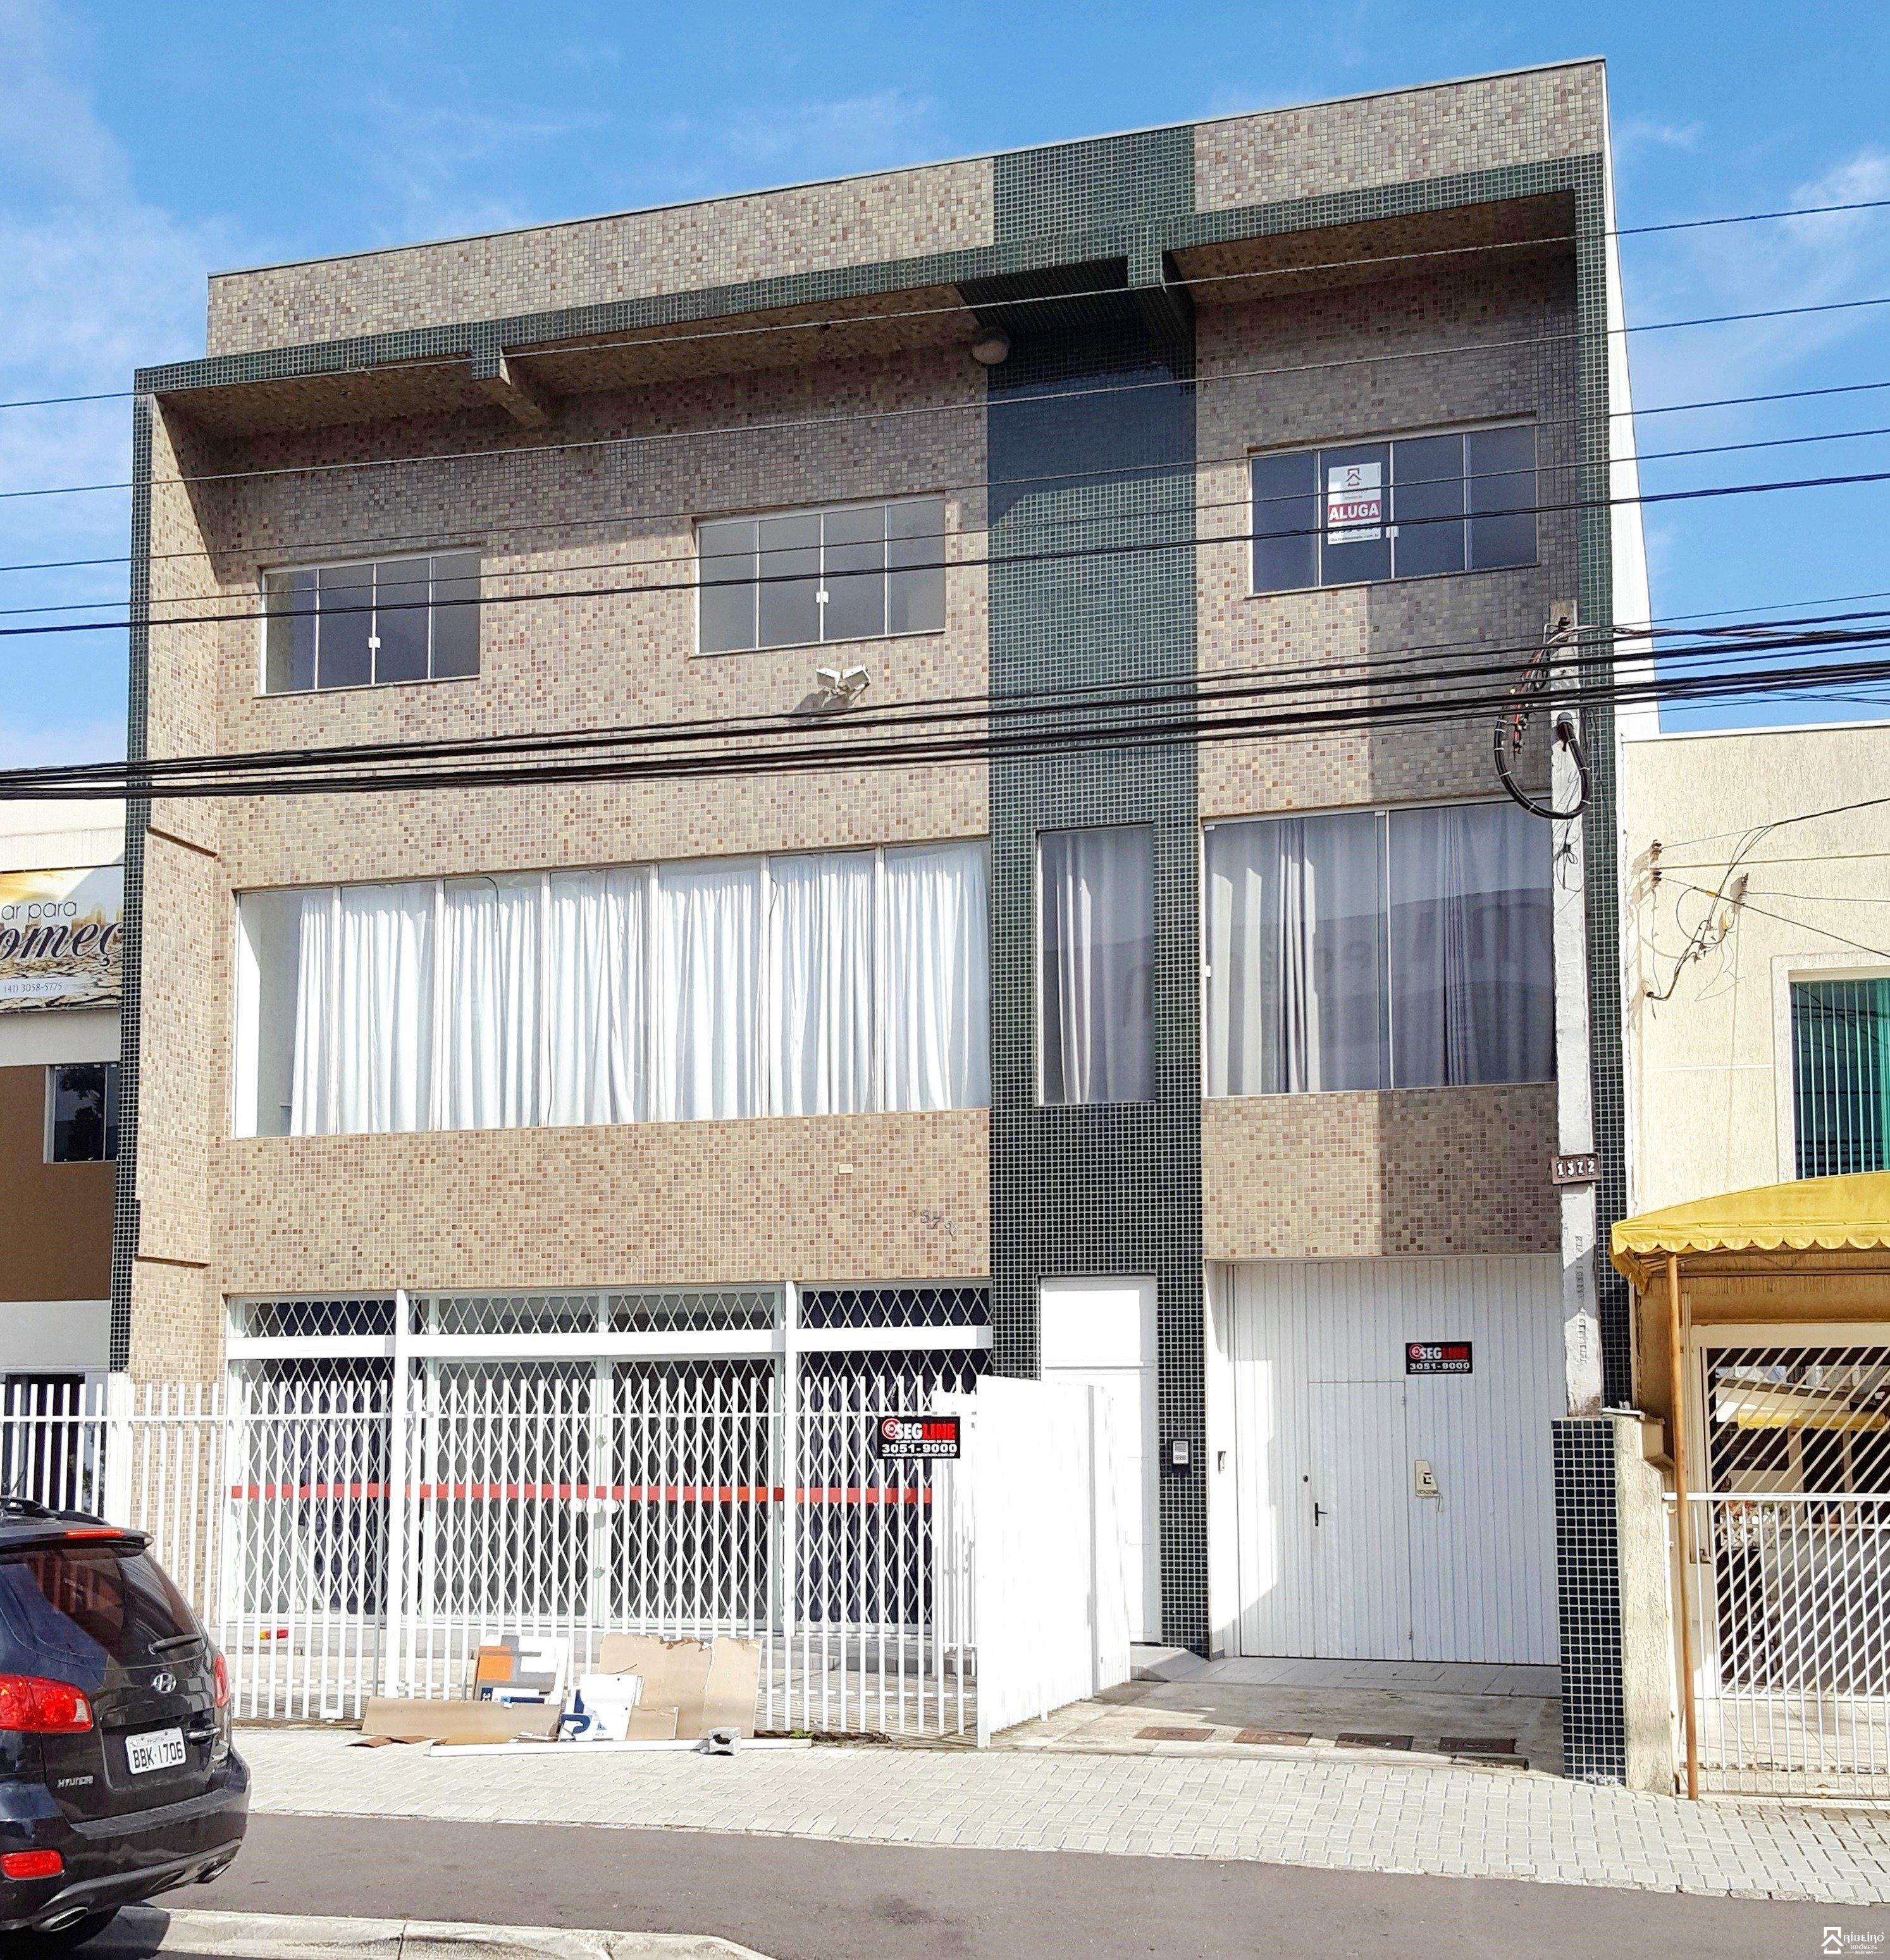 REF. 2508 -  São José Dos Pinhais - Rua  Joaquim Nabuco, 1372 - Apto 01